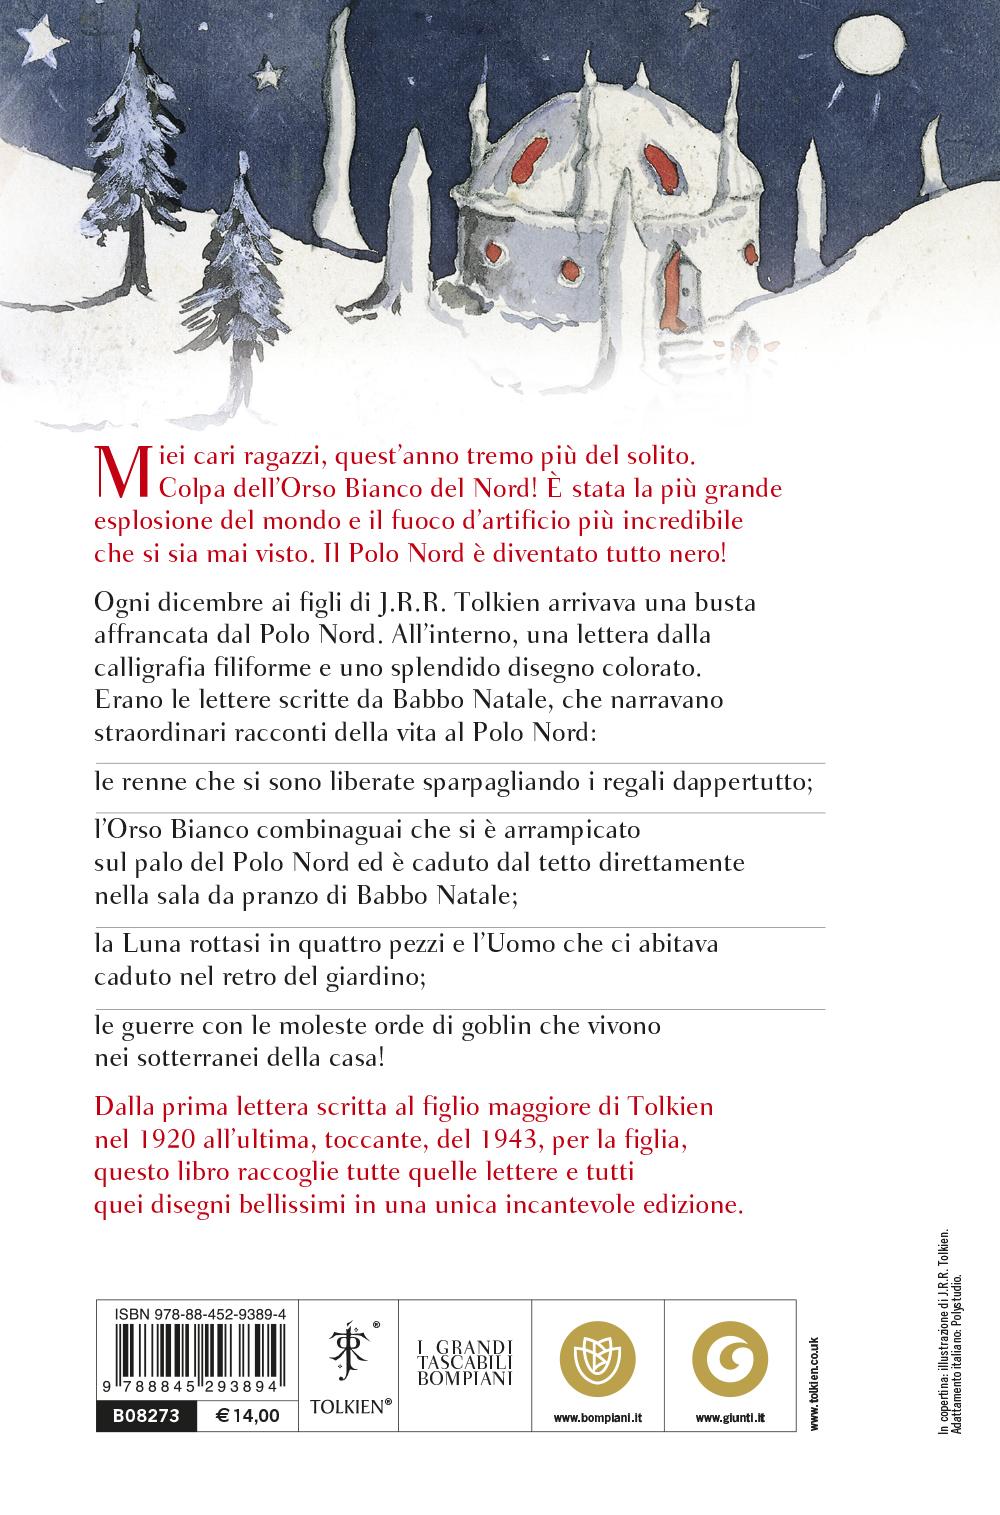 Immagini Di Lettere Per Babbo Natale.Lettere Da Babbo Natale Giunti